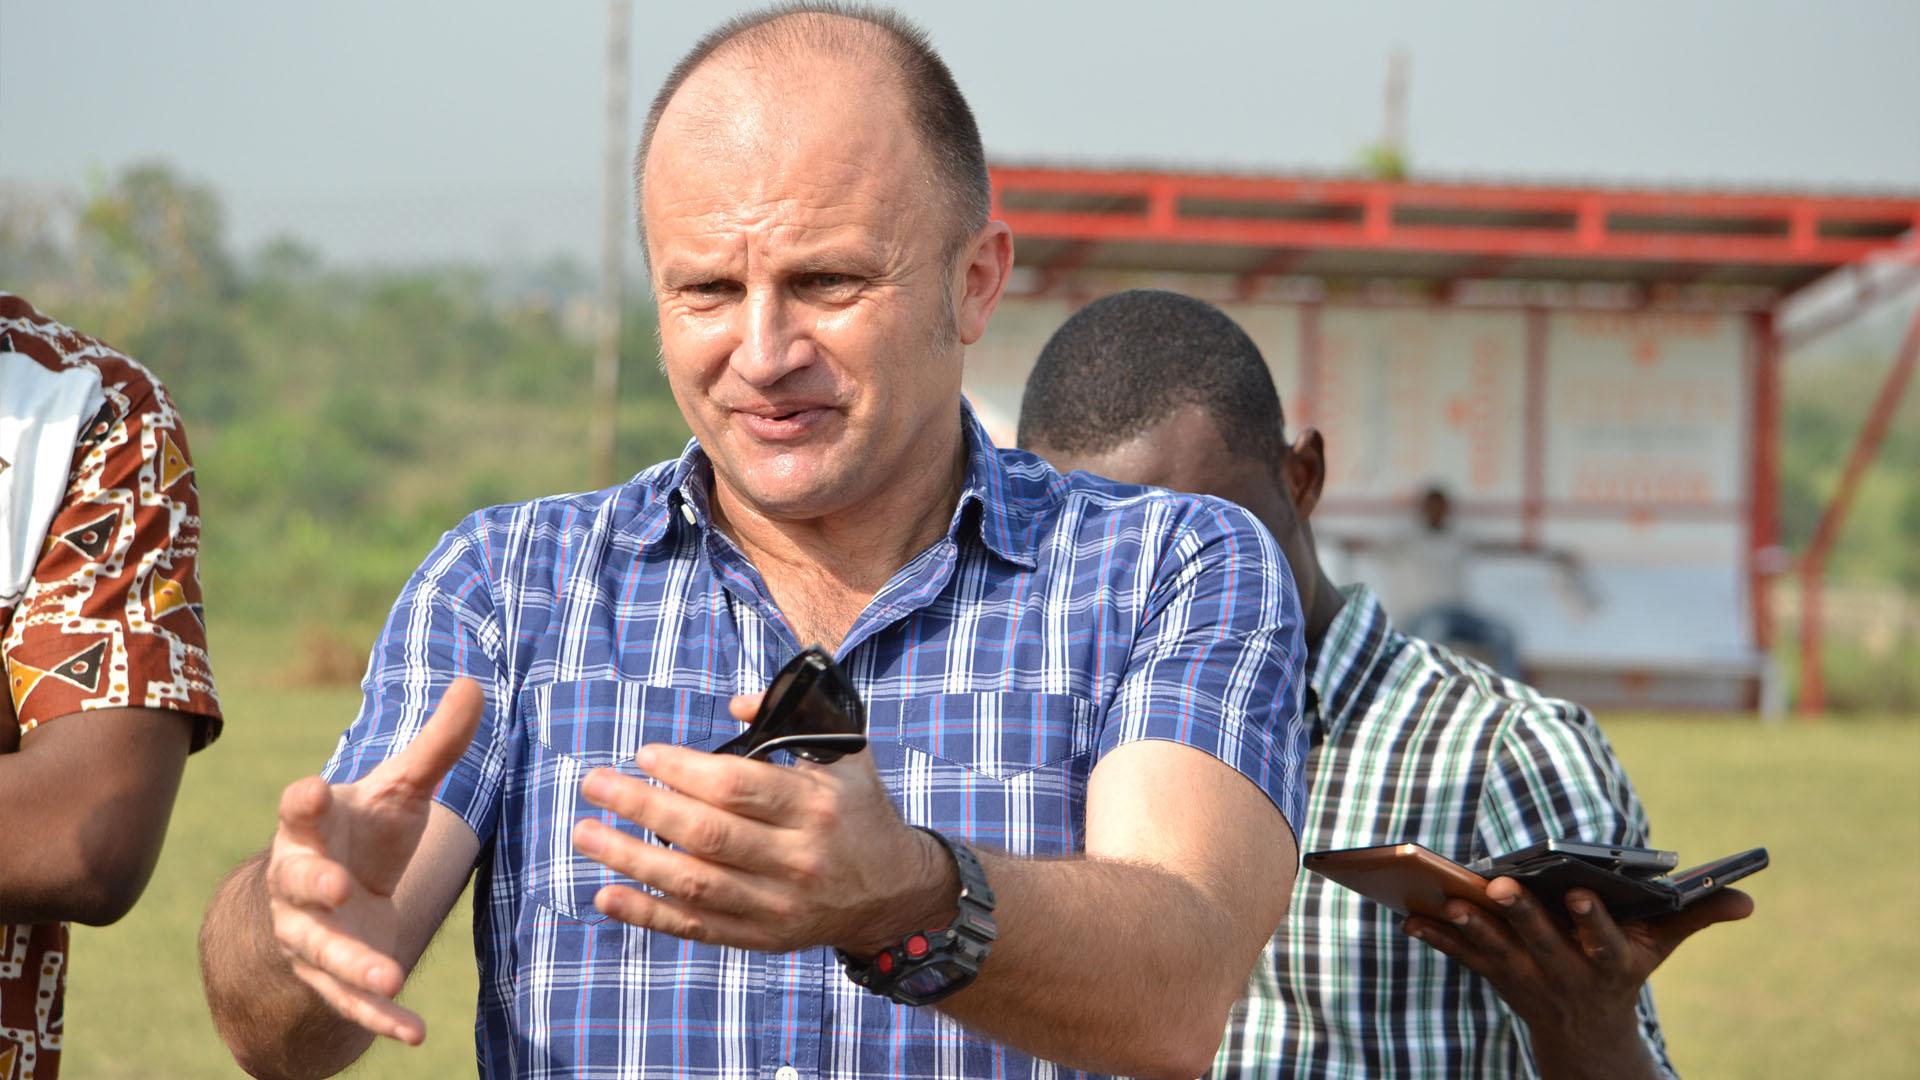 Kotoko coach Zdrakov Lugarusic